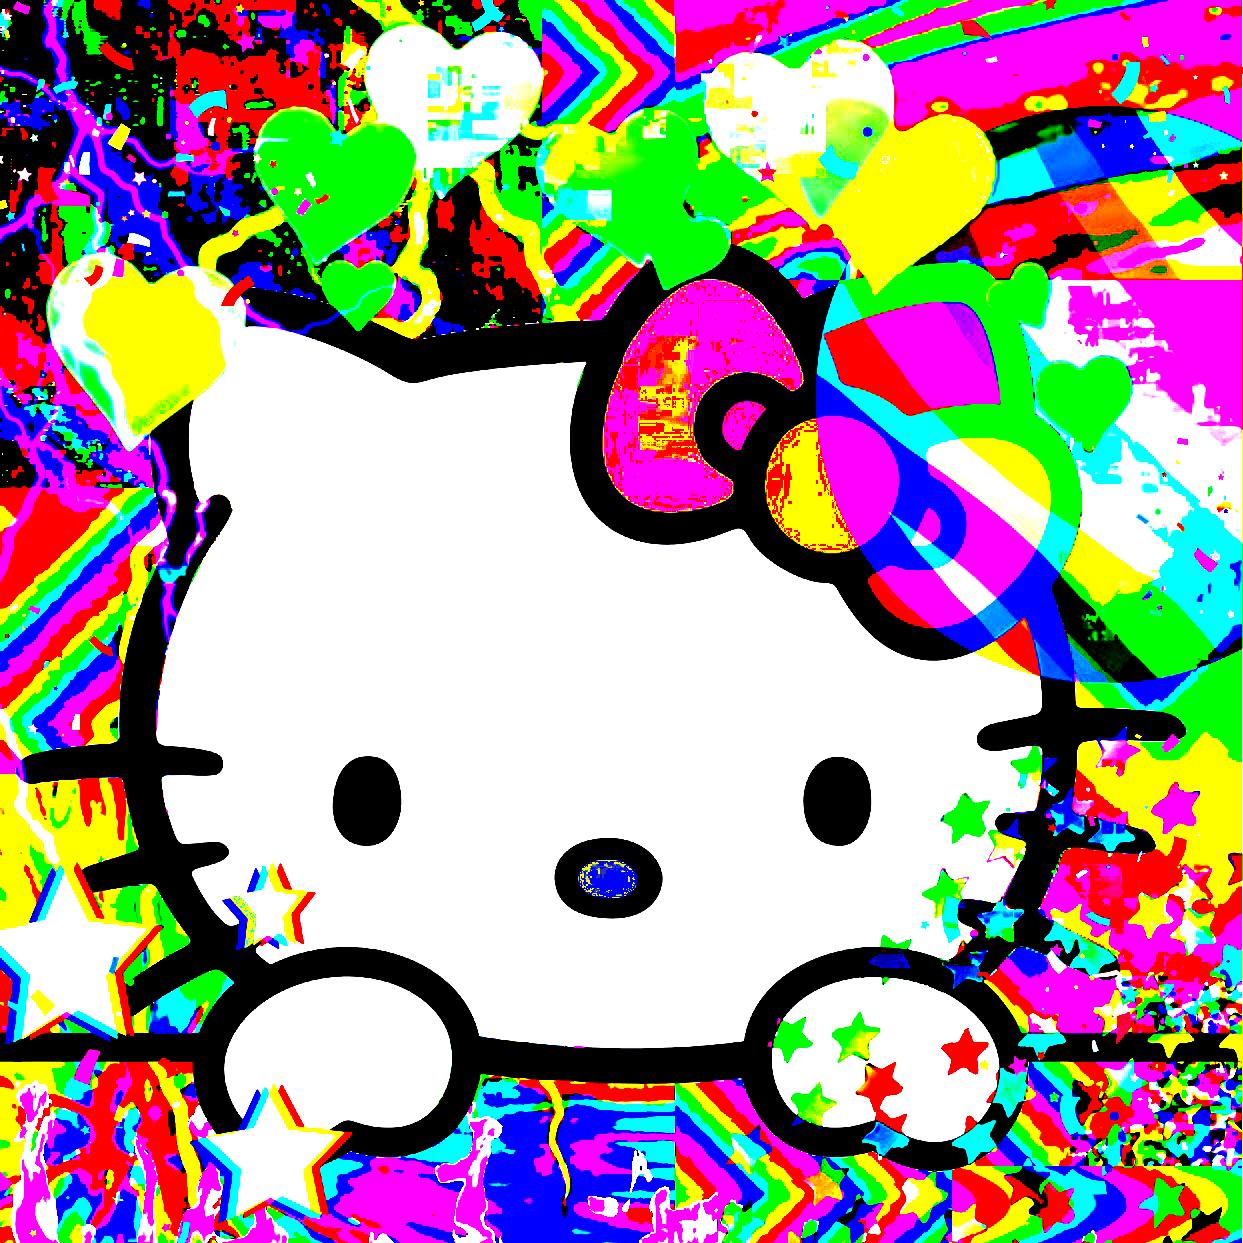 Rainbow Aesthetic, Hello Kitty